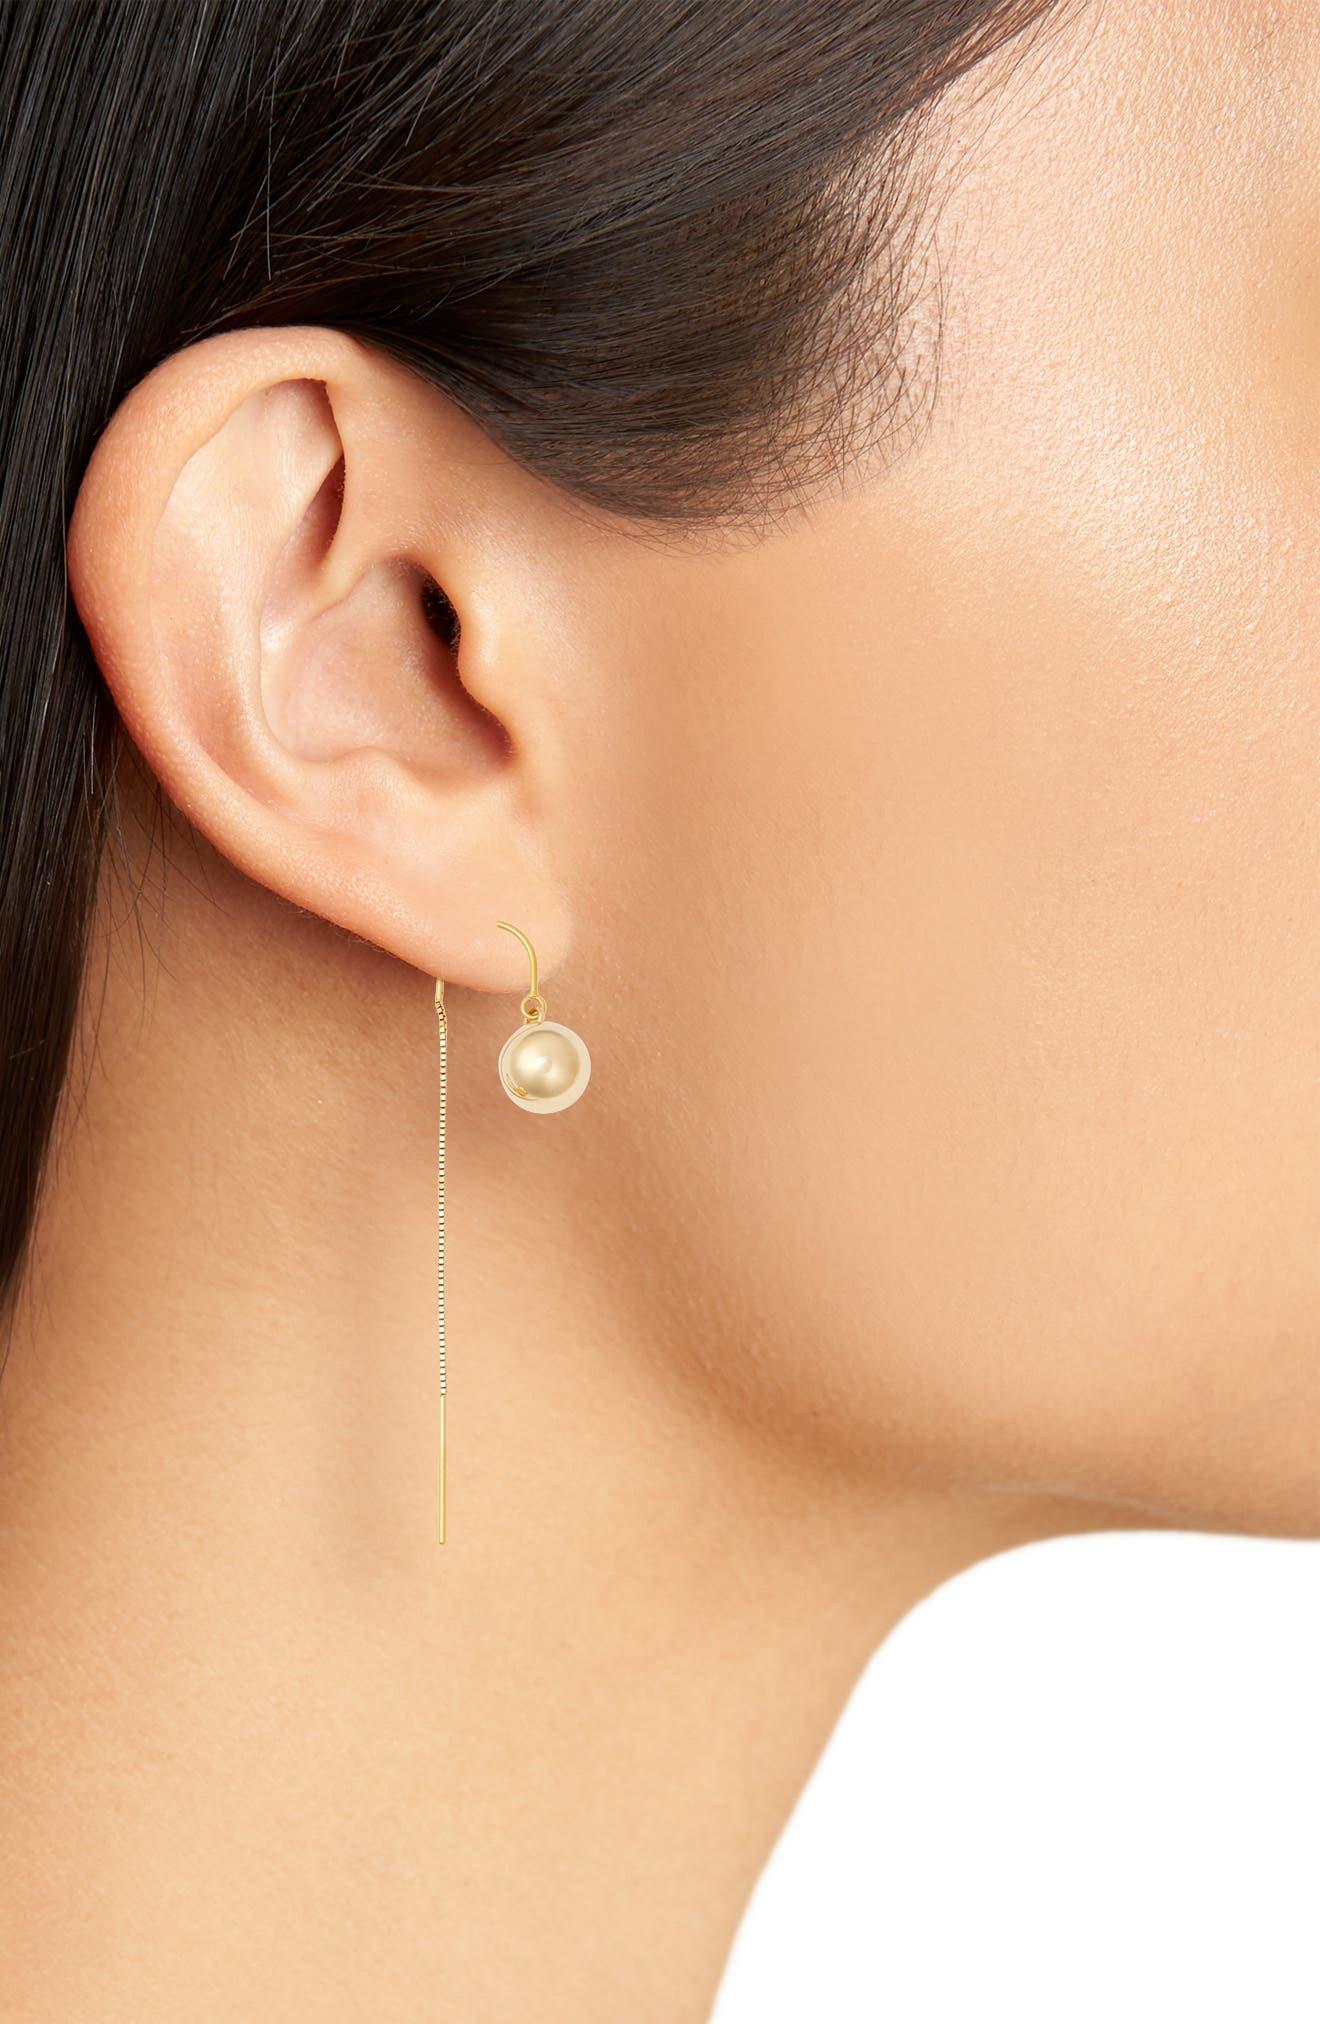 Gold Ball Threader Earrings,                             Alternate thumbnail 2, color,                             710